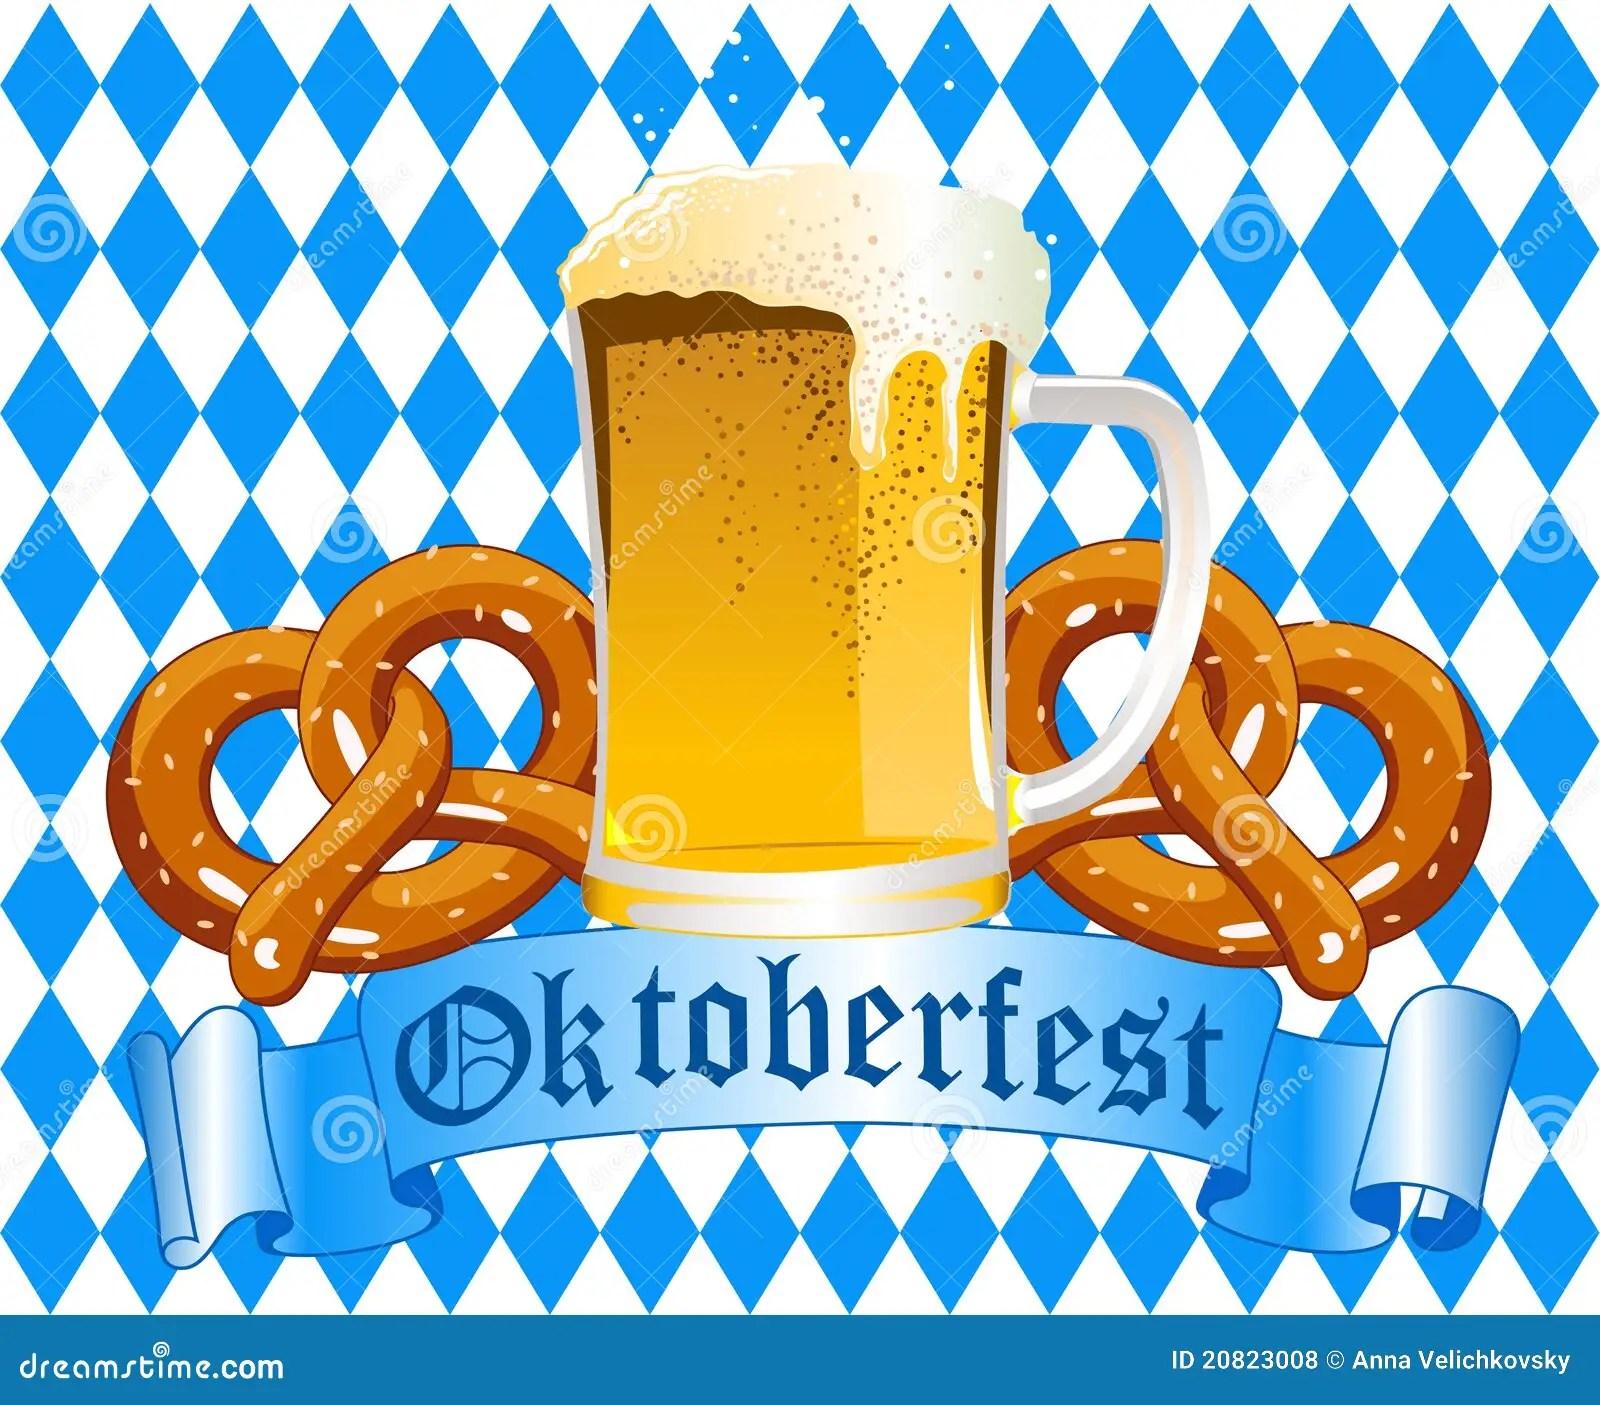 Oktoberfest FeierHintergrund Redaktionelles Stockfoto